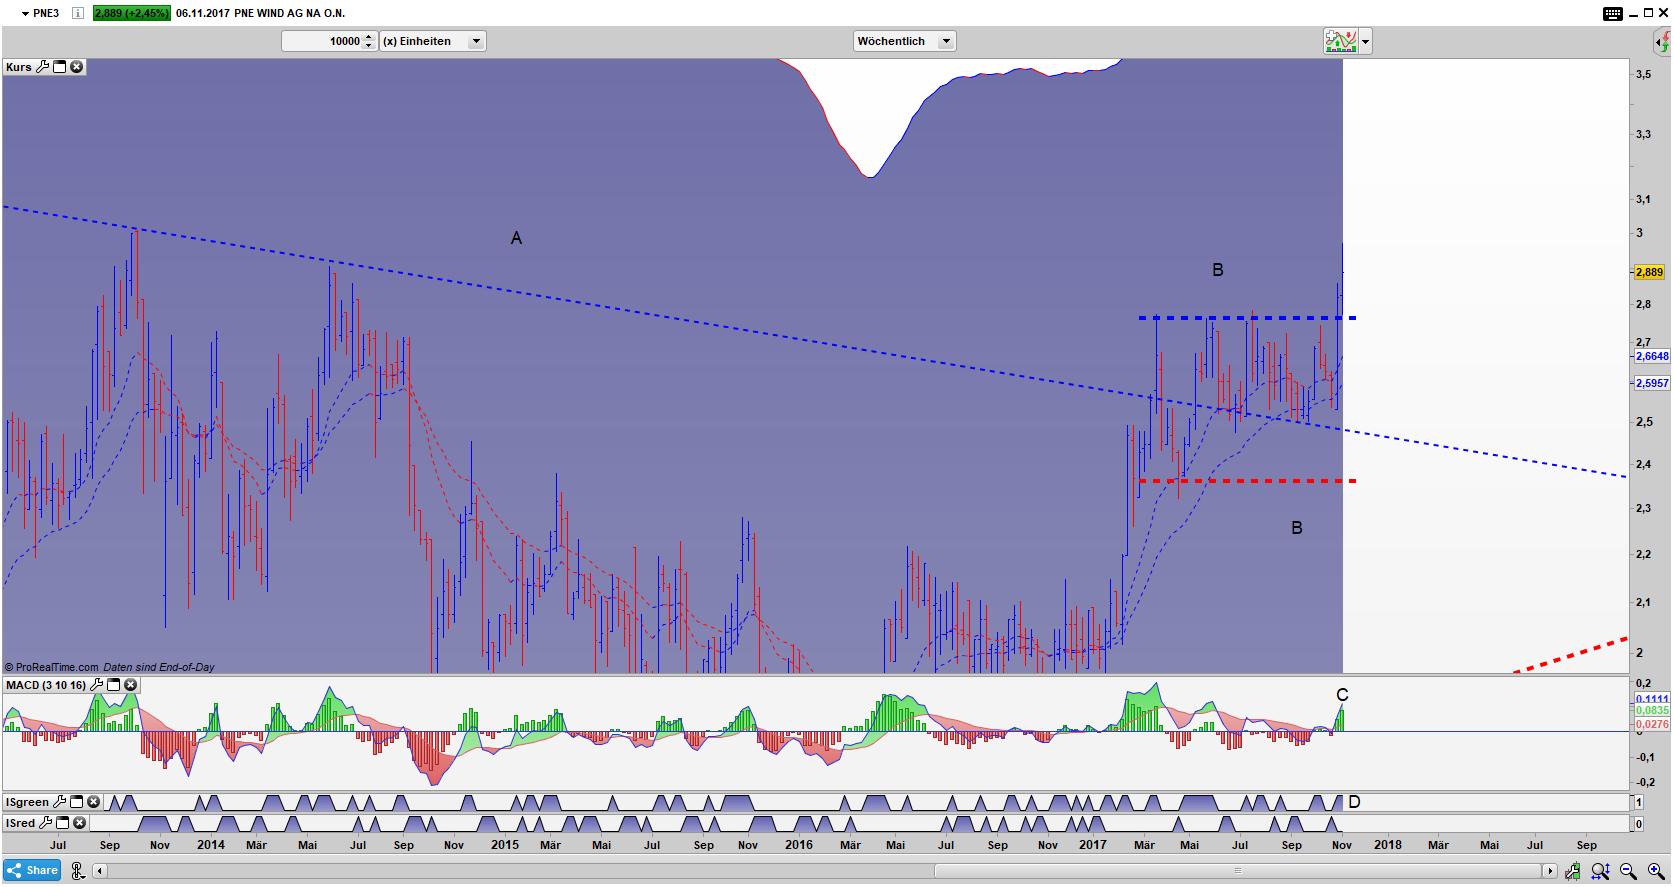 PNE3 Bar Wochen Chart: Ausbruch aus der Stauzone + New Momentum High